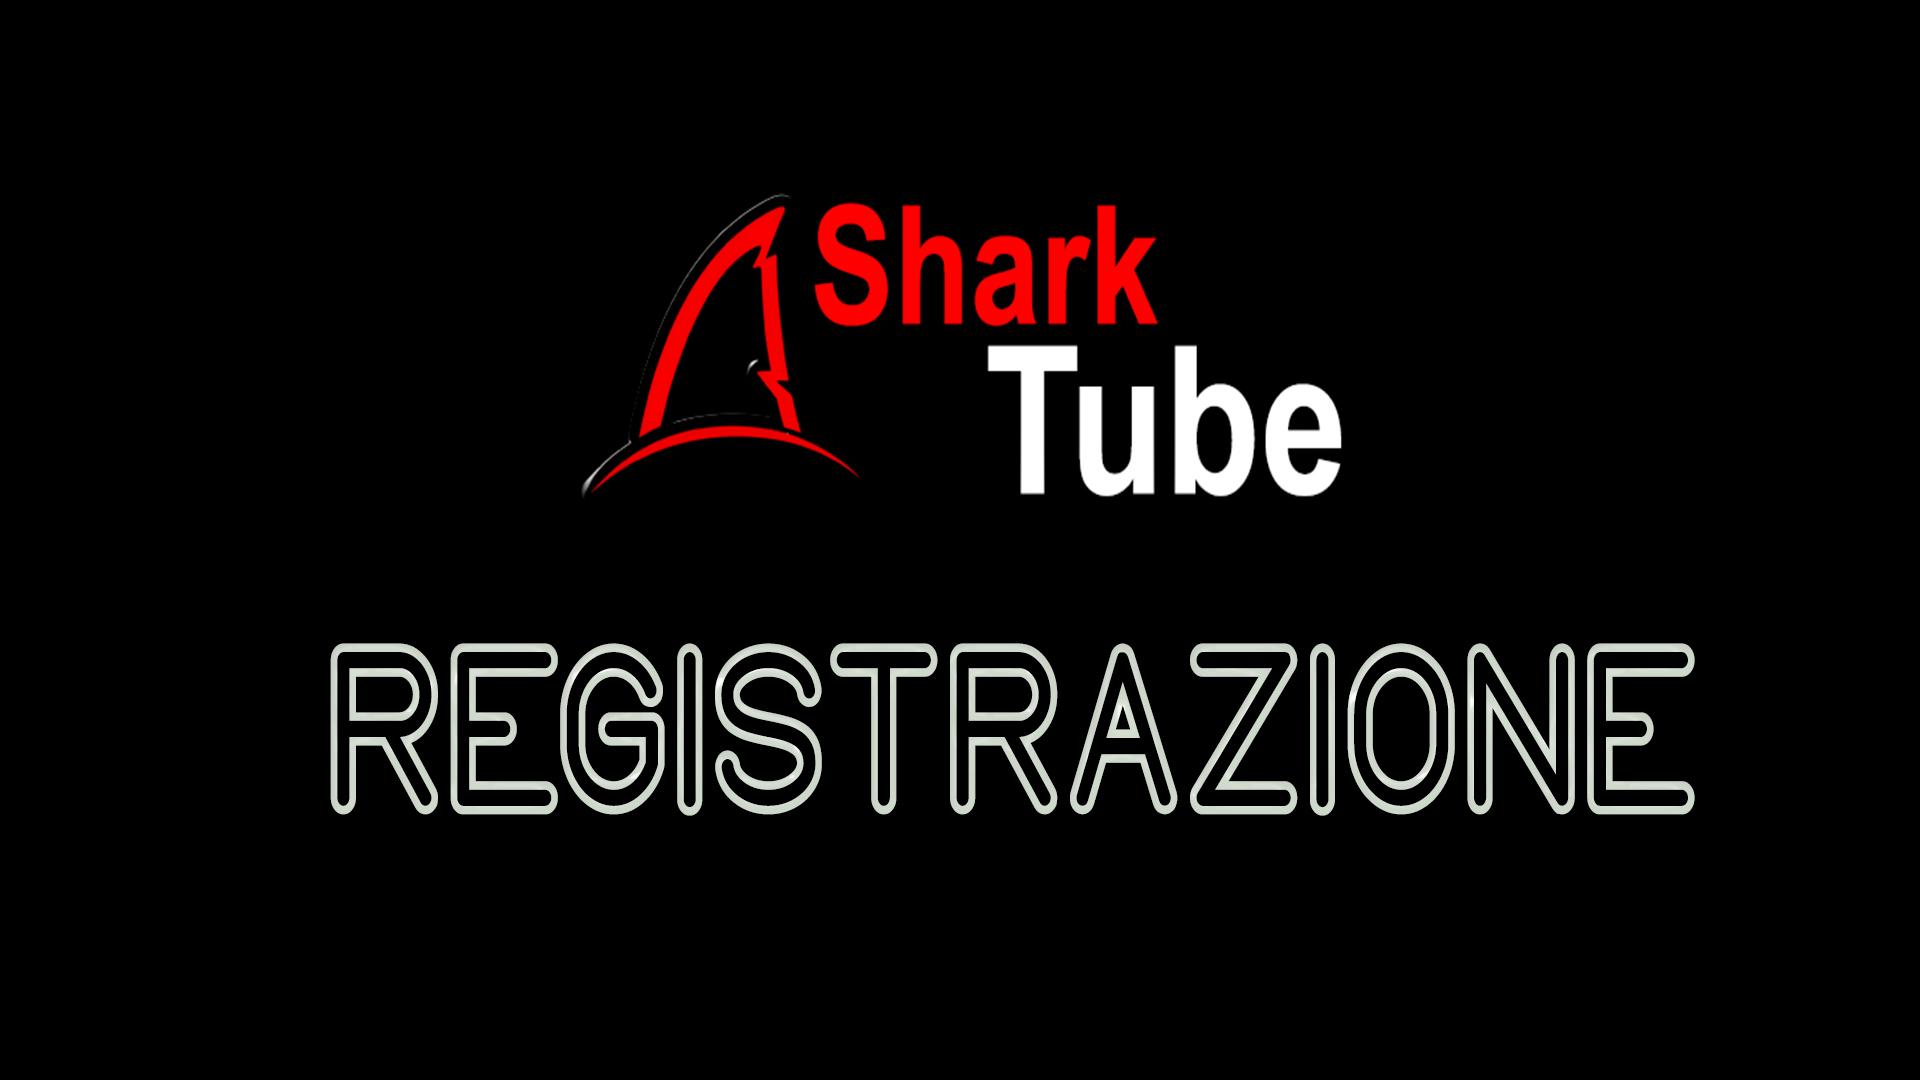 Registrazione Shark Tube